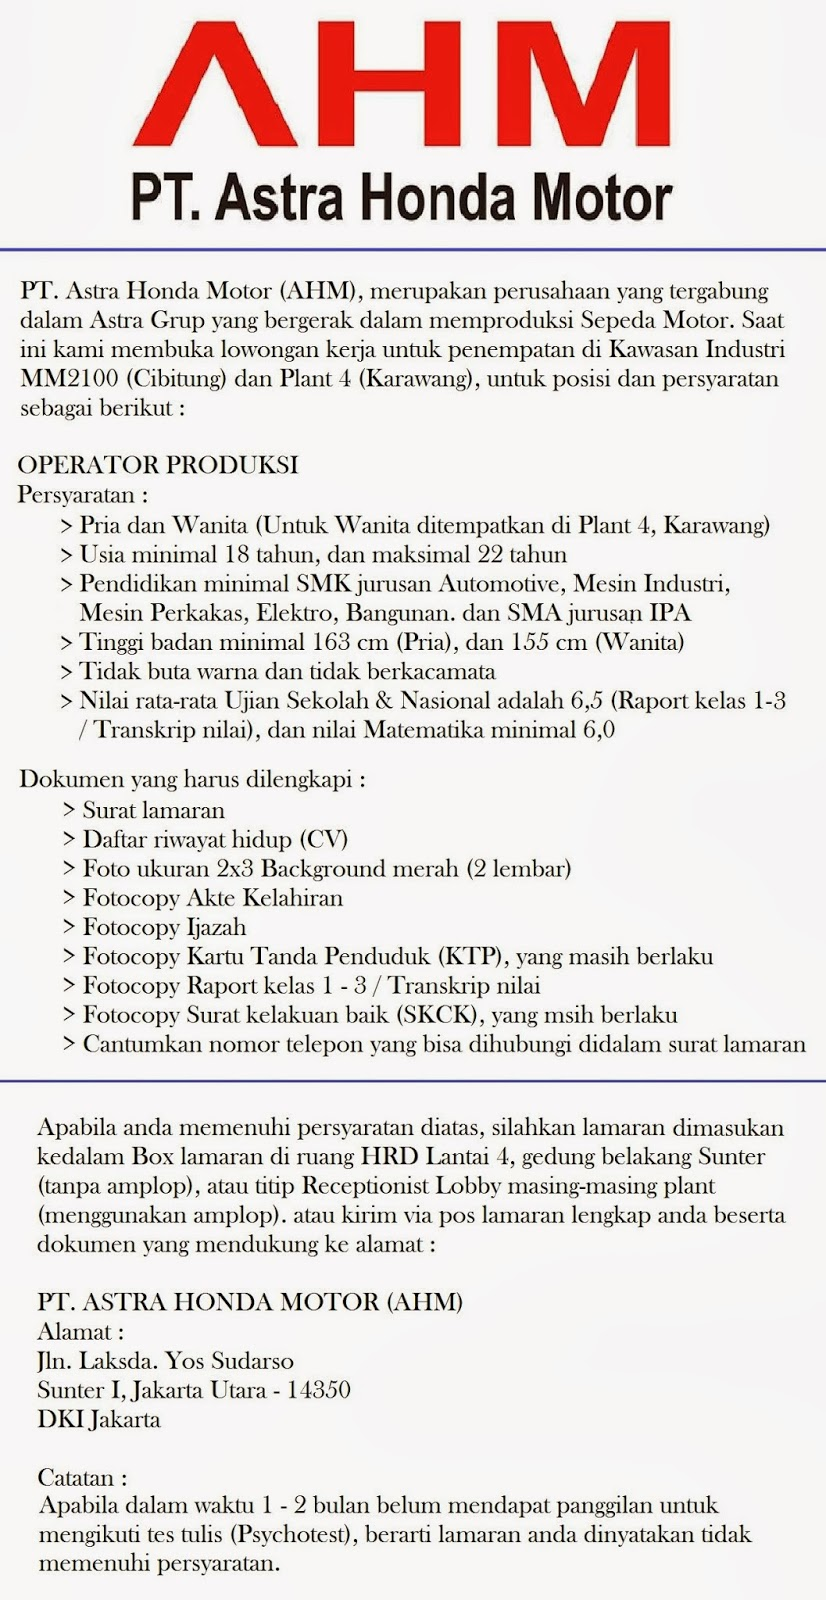 Loker Pt Ahm Cibitung Tahun 2013 Lowongan Kerja Pt Denso Indonesia Silokerinfo Lowongan Kerja Pt Astra Honda Motor Ahm Loker Purwasuka